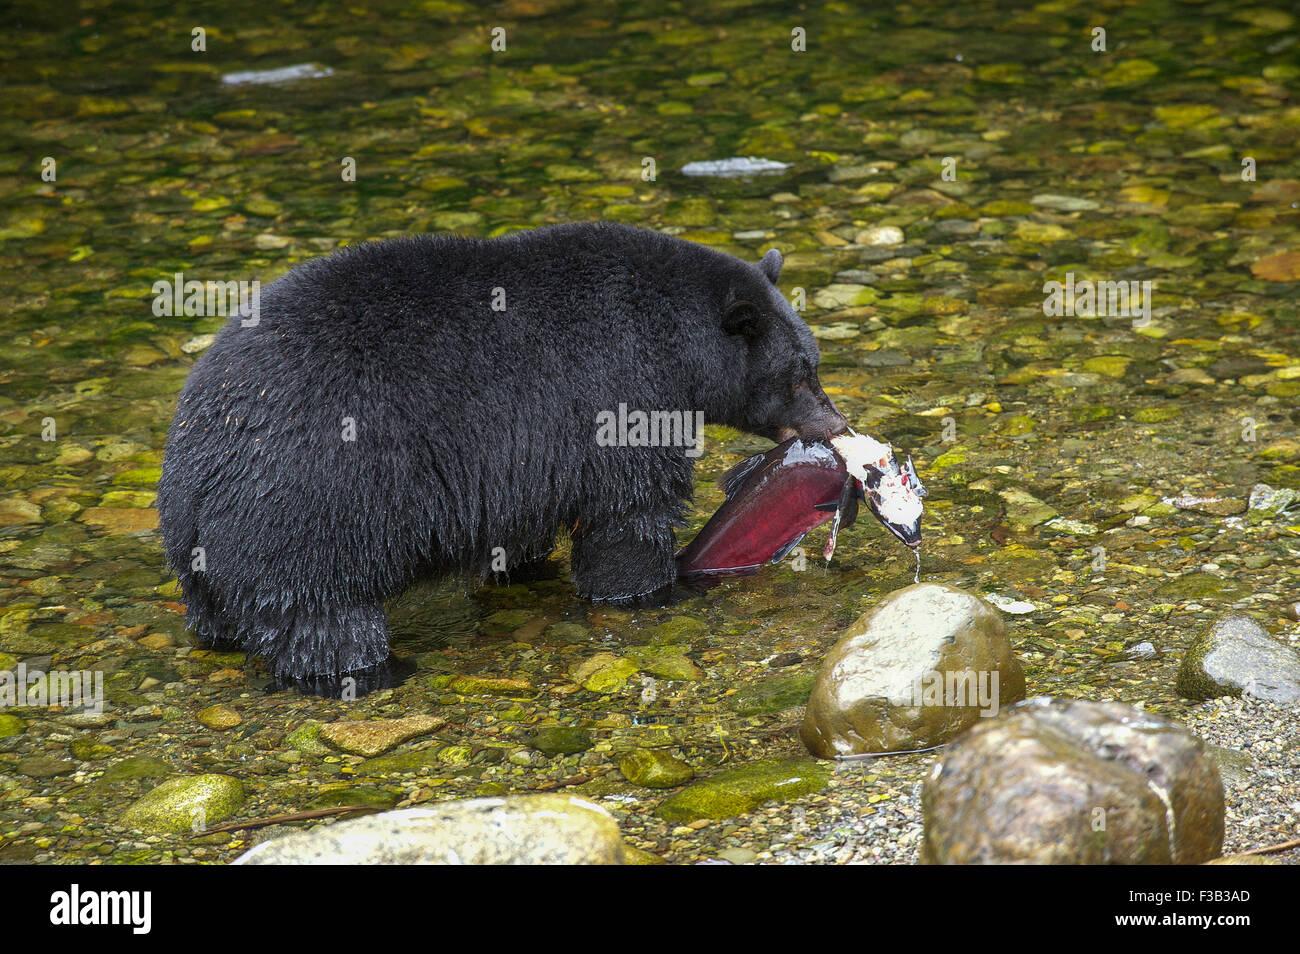 Black Bear (Ursus americanus) mangiare salmone, Thornton Fish Hatchery, Ucluelet, British Columbia, Canada Immagini Stock